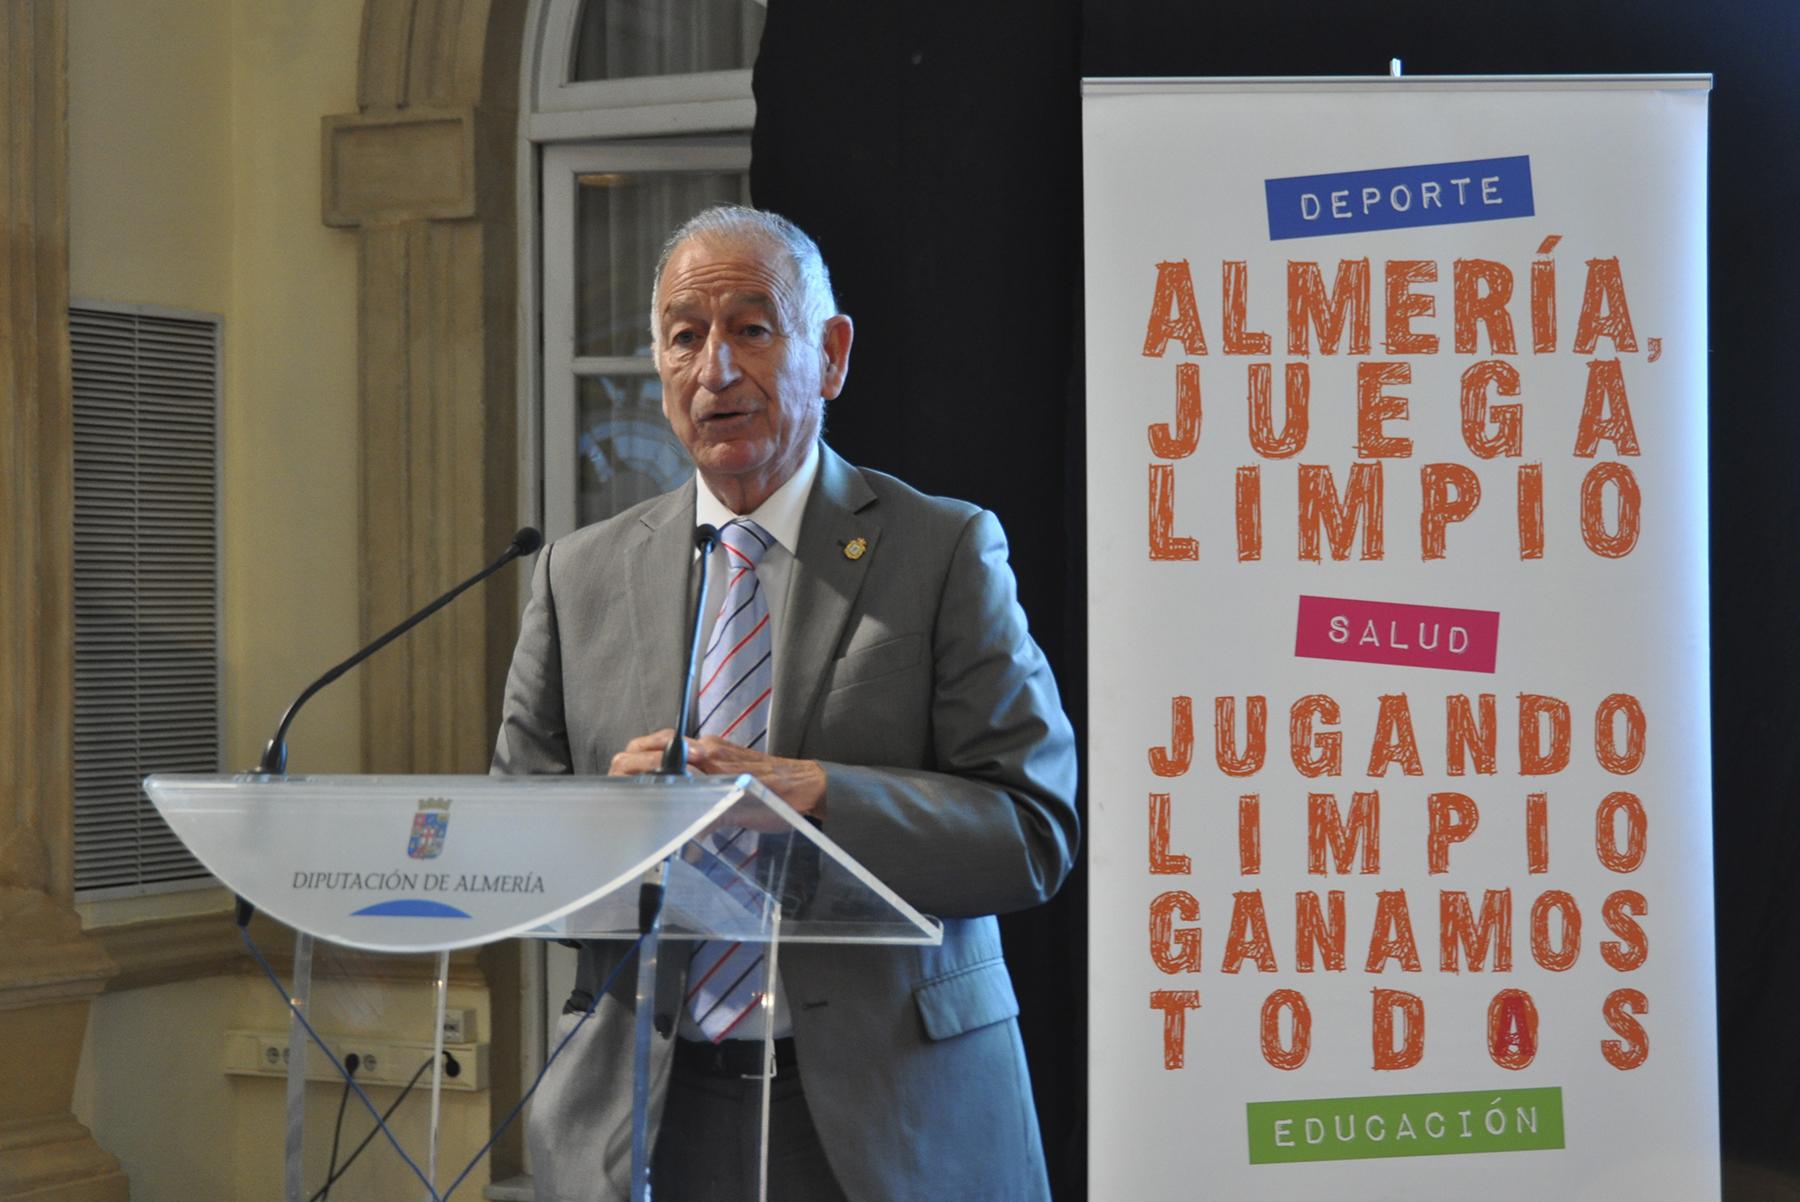 Premios y Galardones Almería Juega Limpio 2013